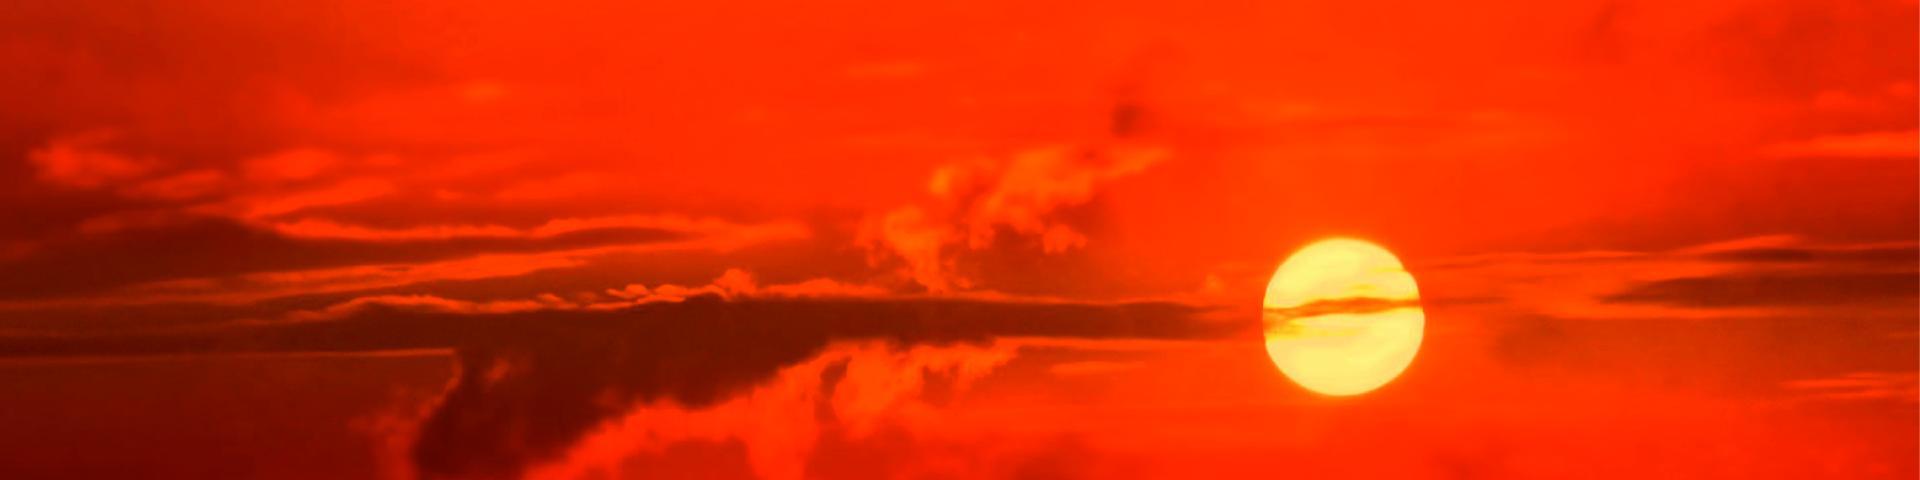 Immagine del tramonto